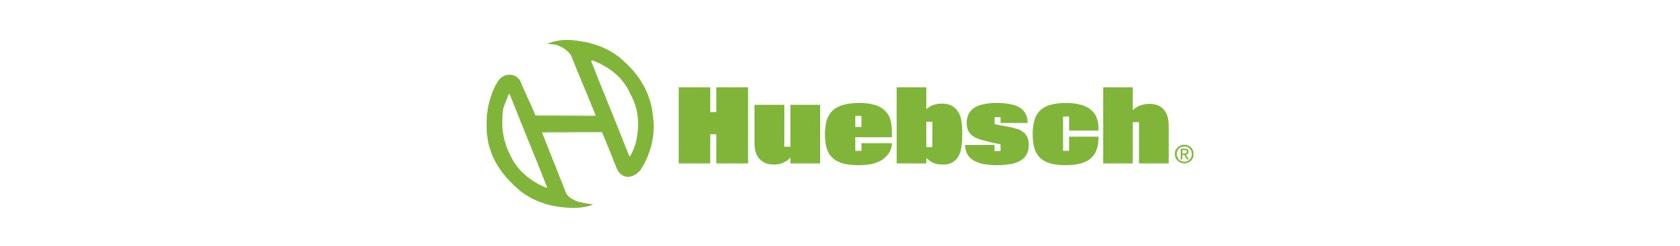 Huebsch Logo